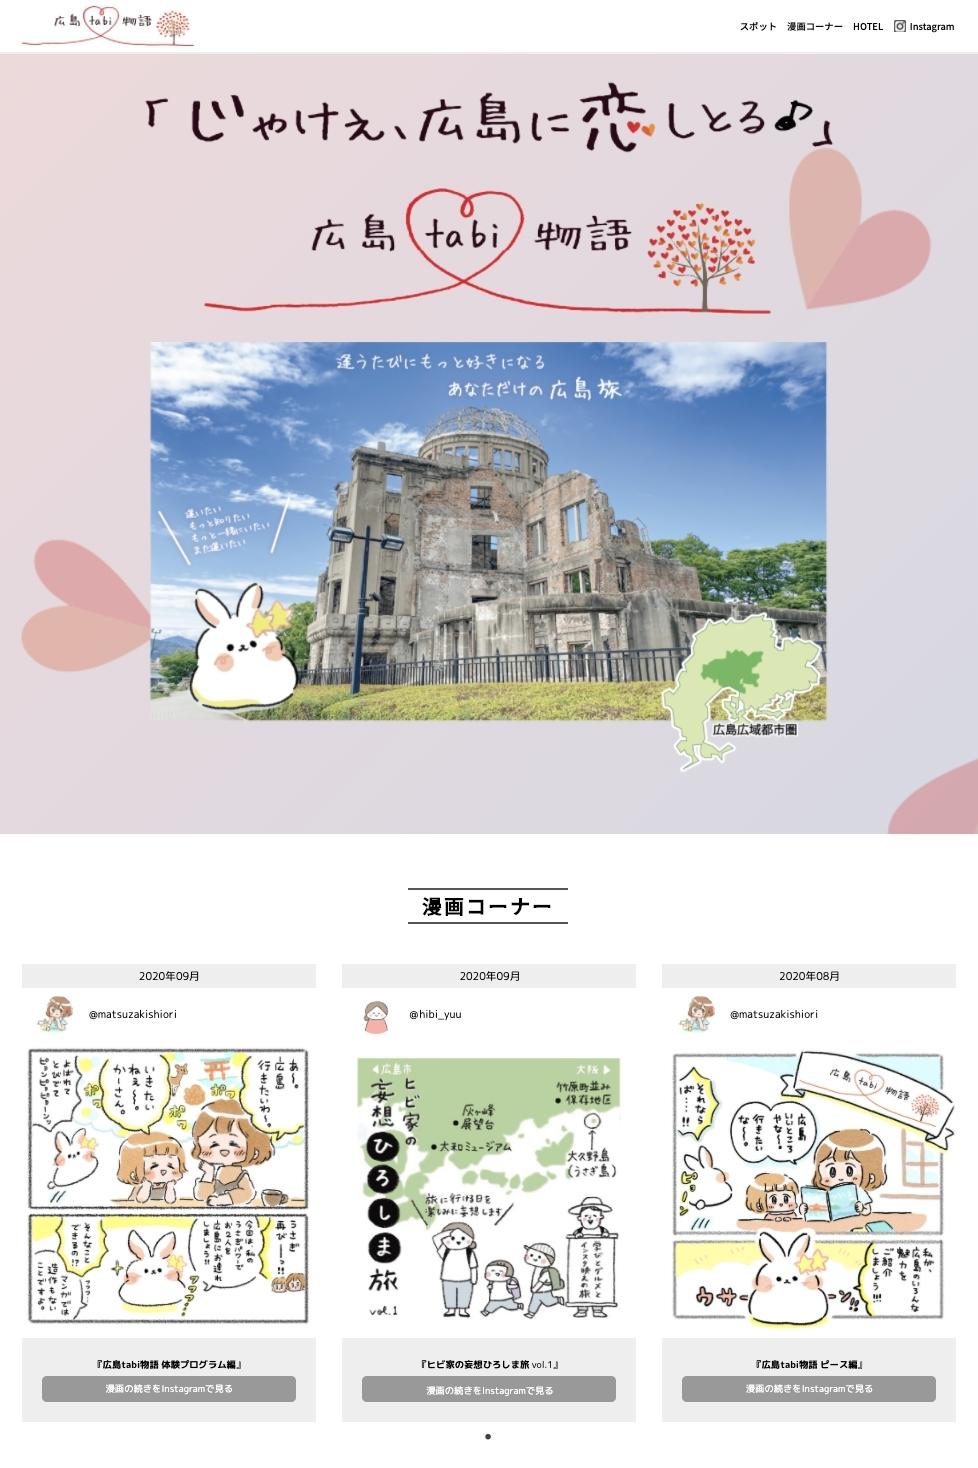 「広島tabi物語」のHP